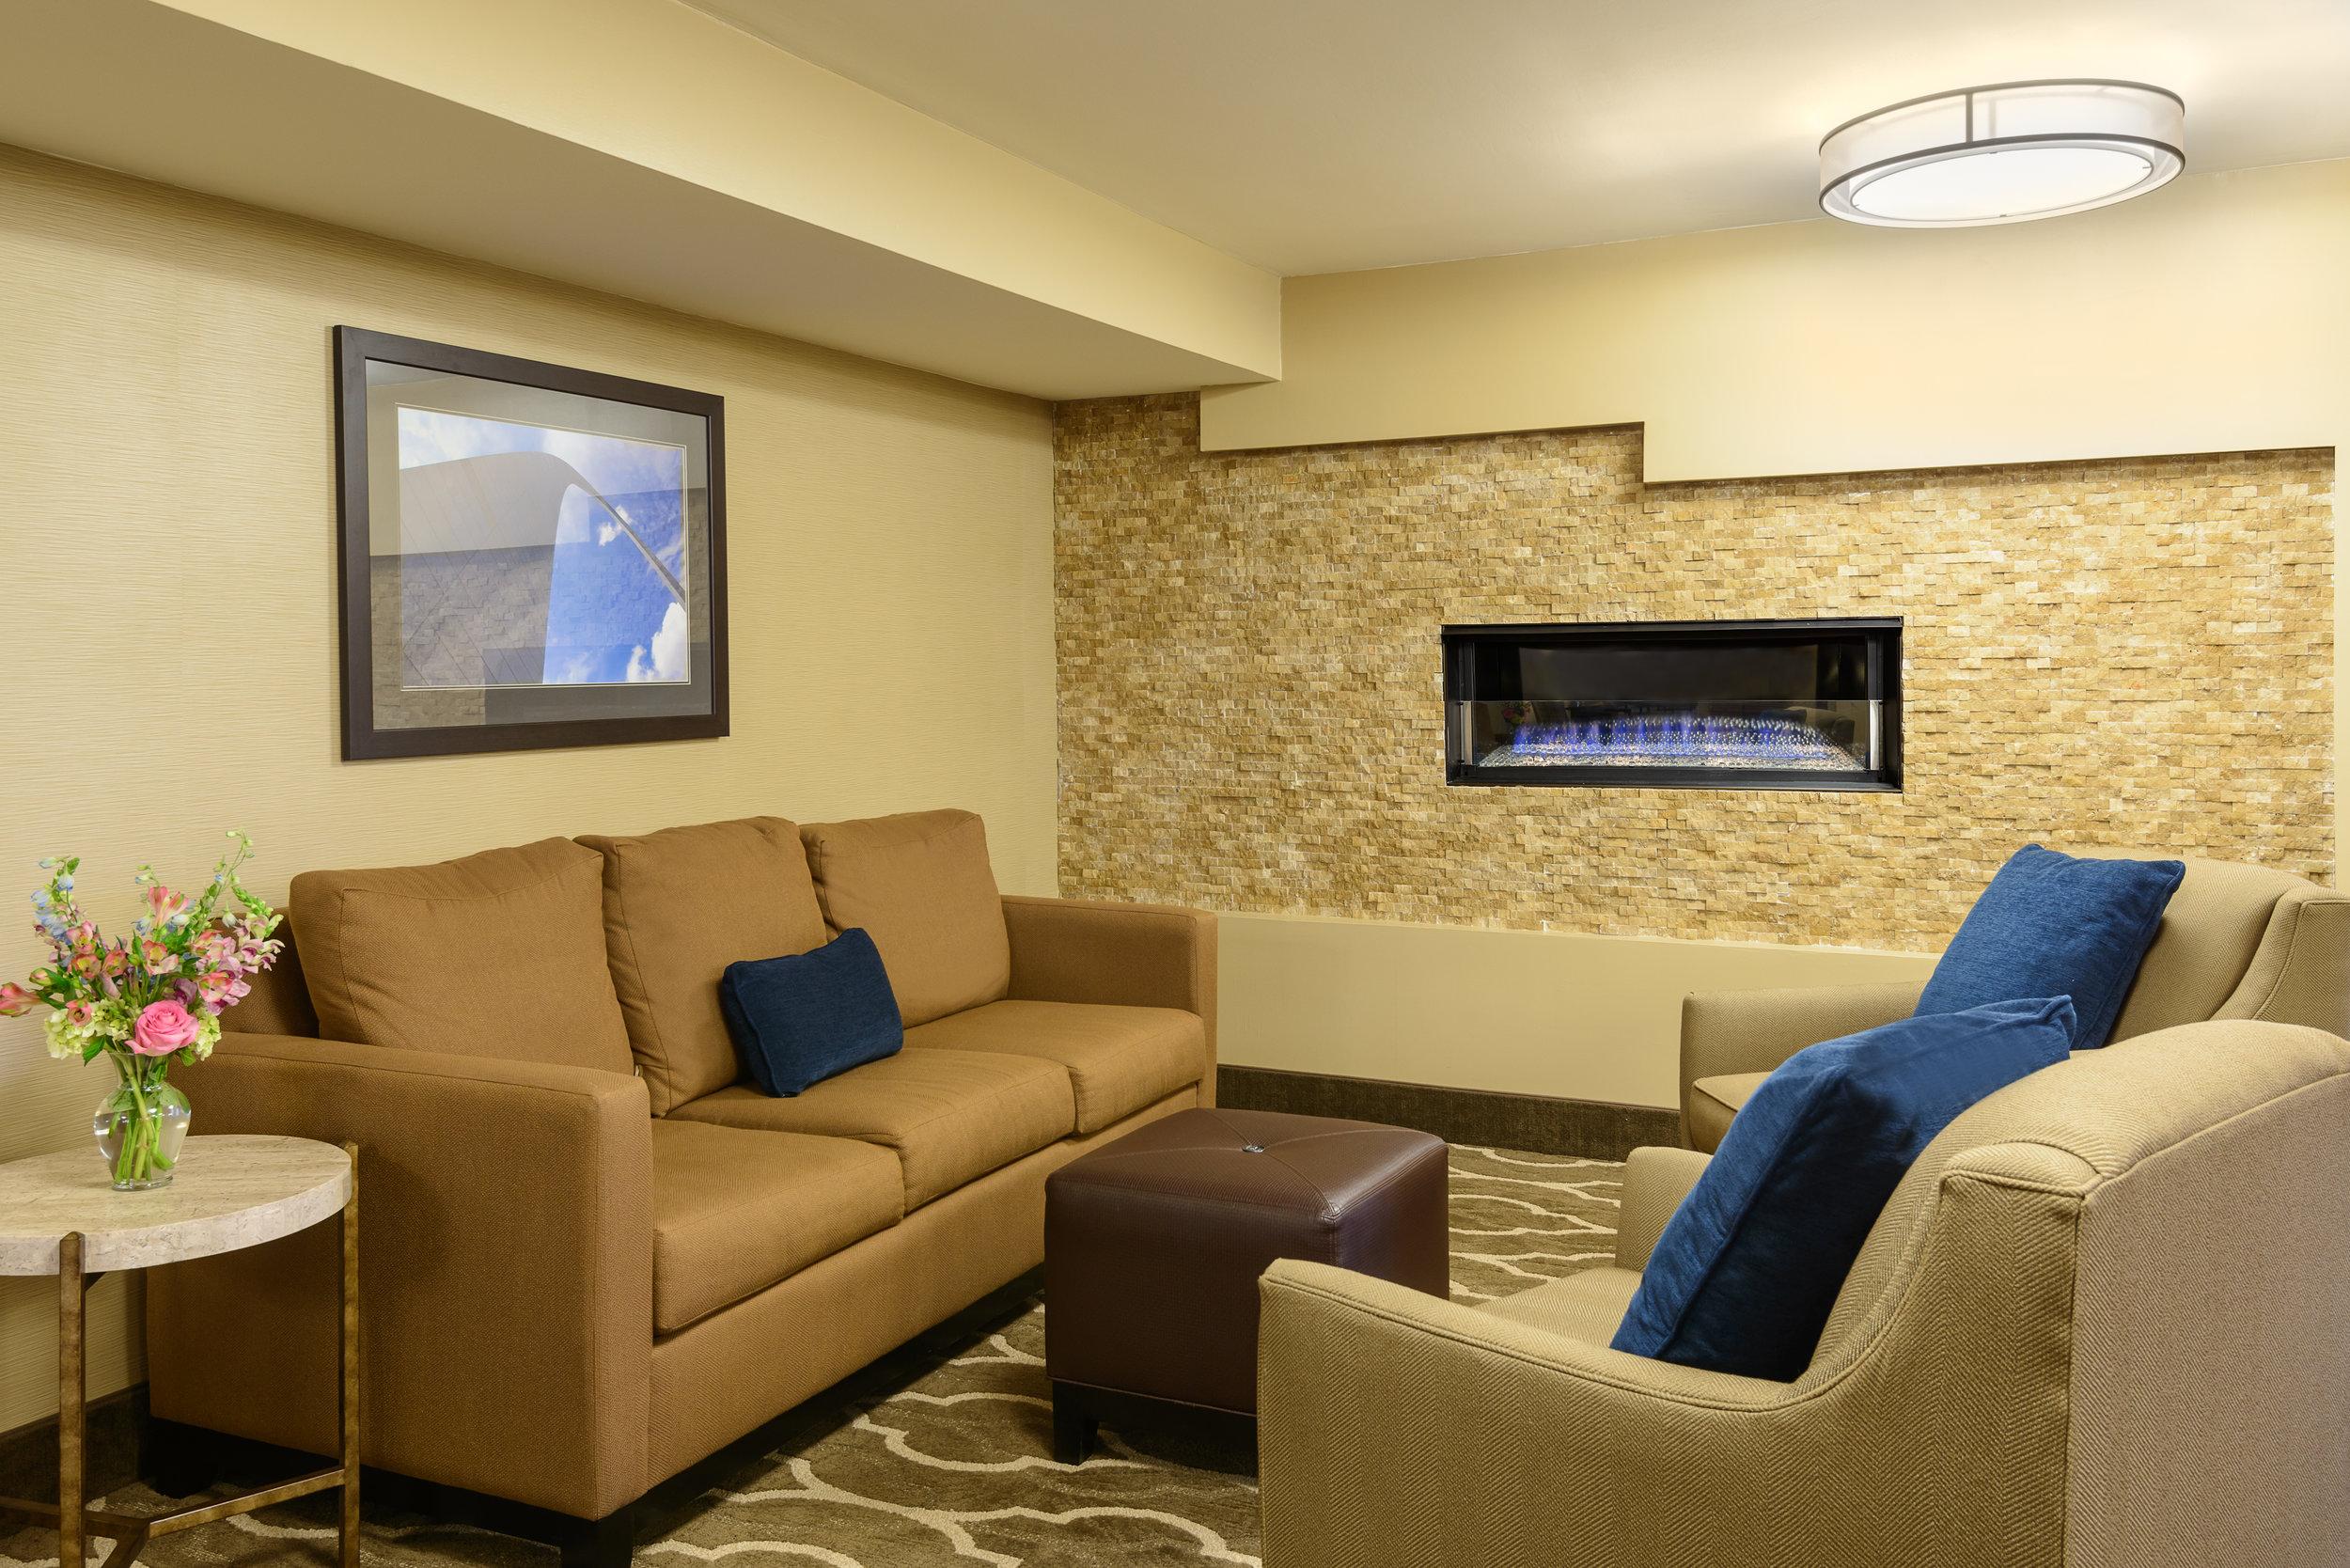 Comfort inn lobby 1.jpg